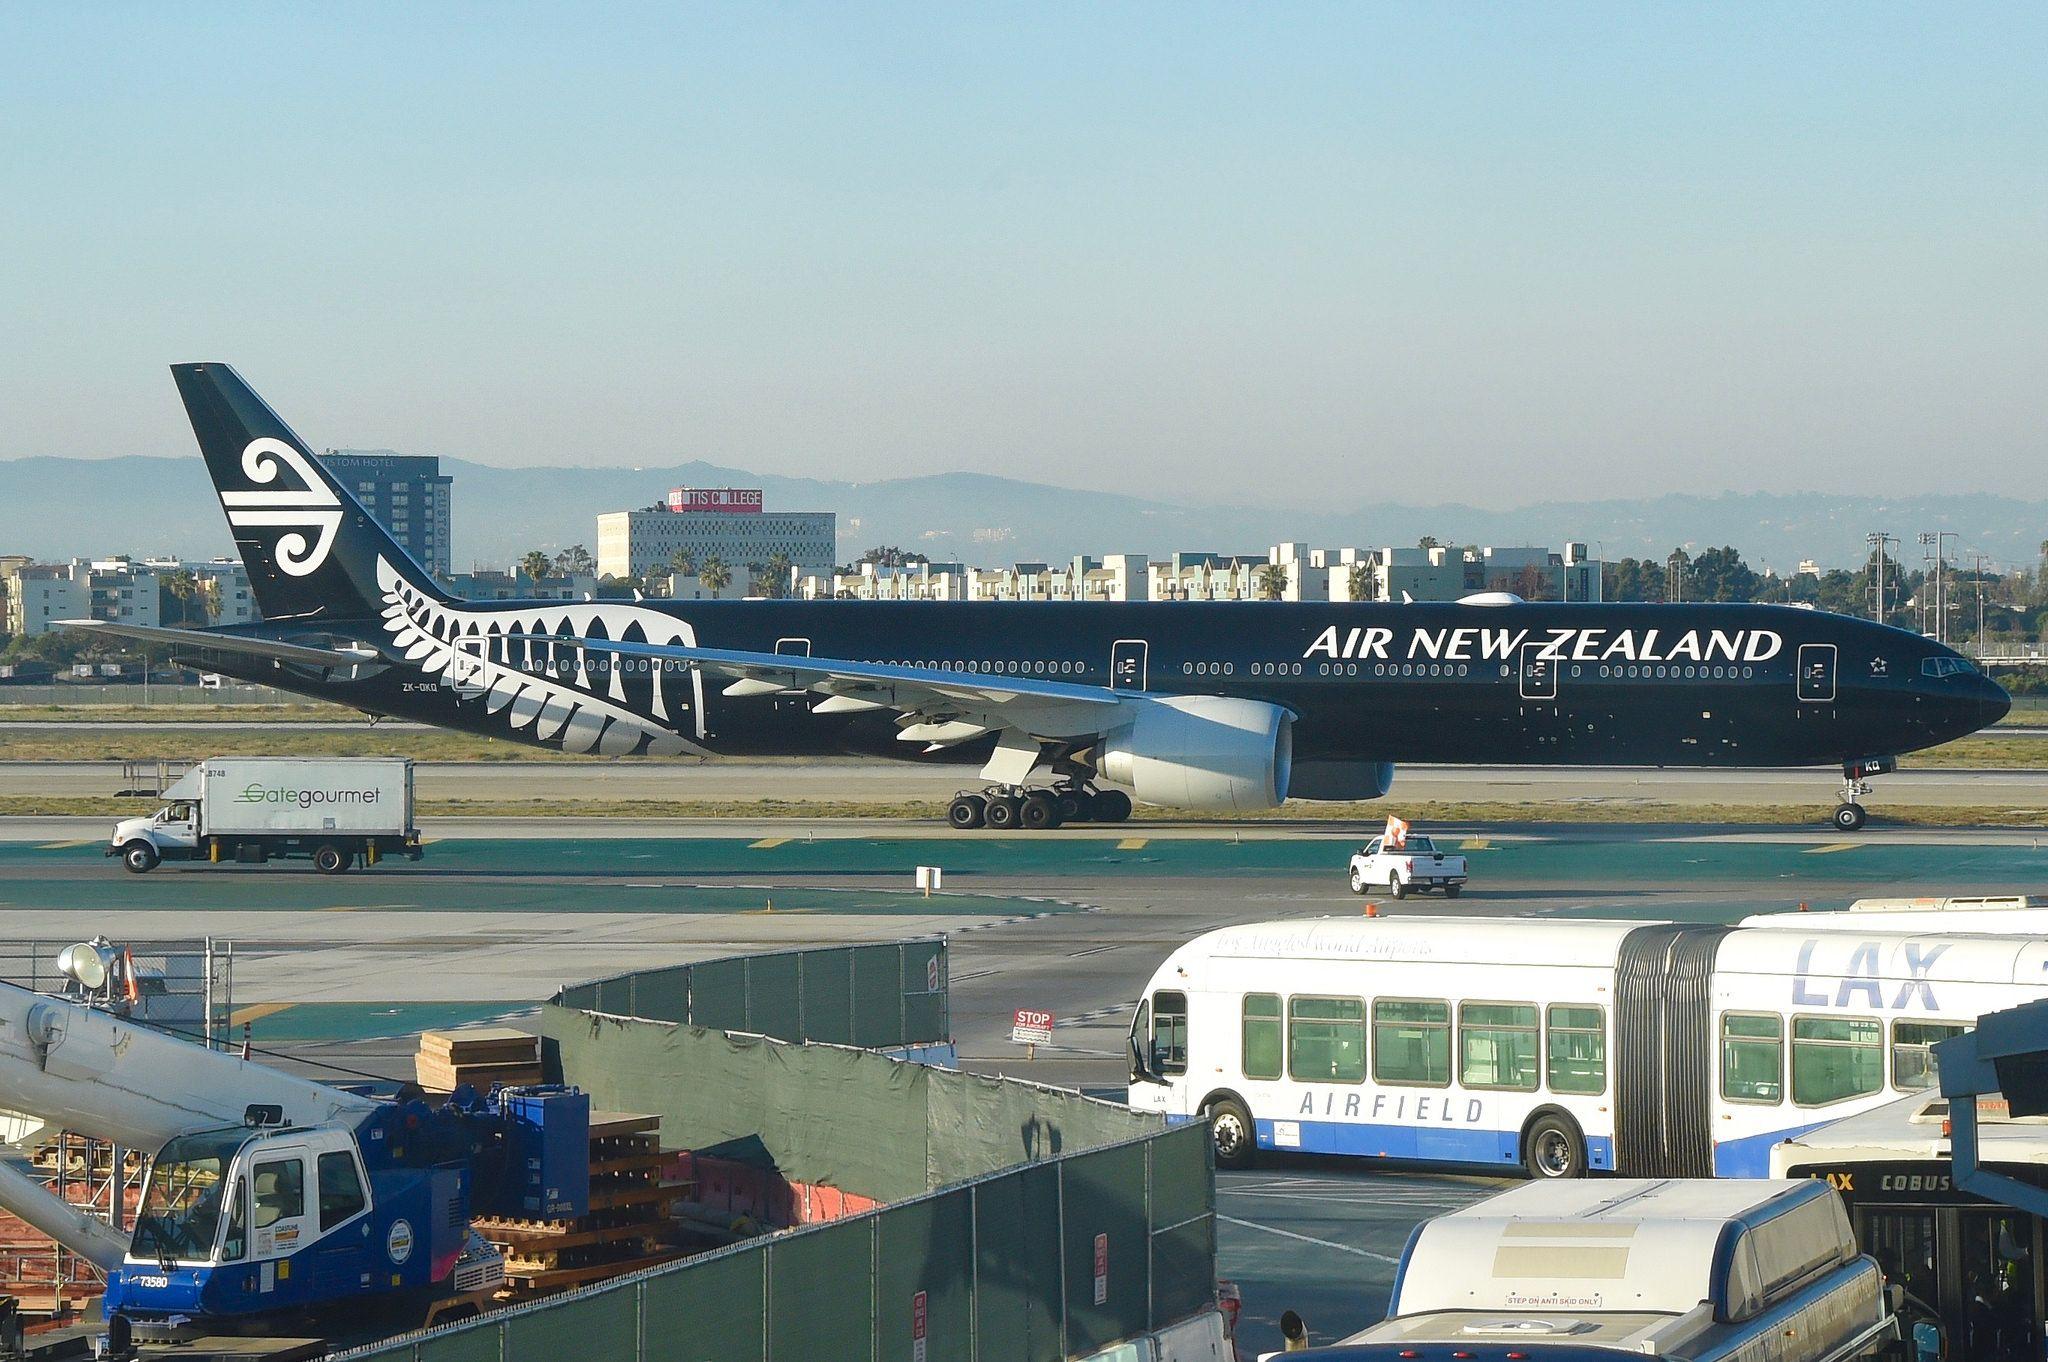 Air New Zealand Boeing 777300ER; ZKOKQLAX;31.01.2018